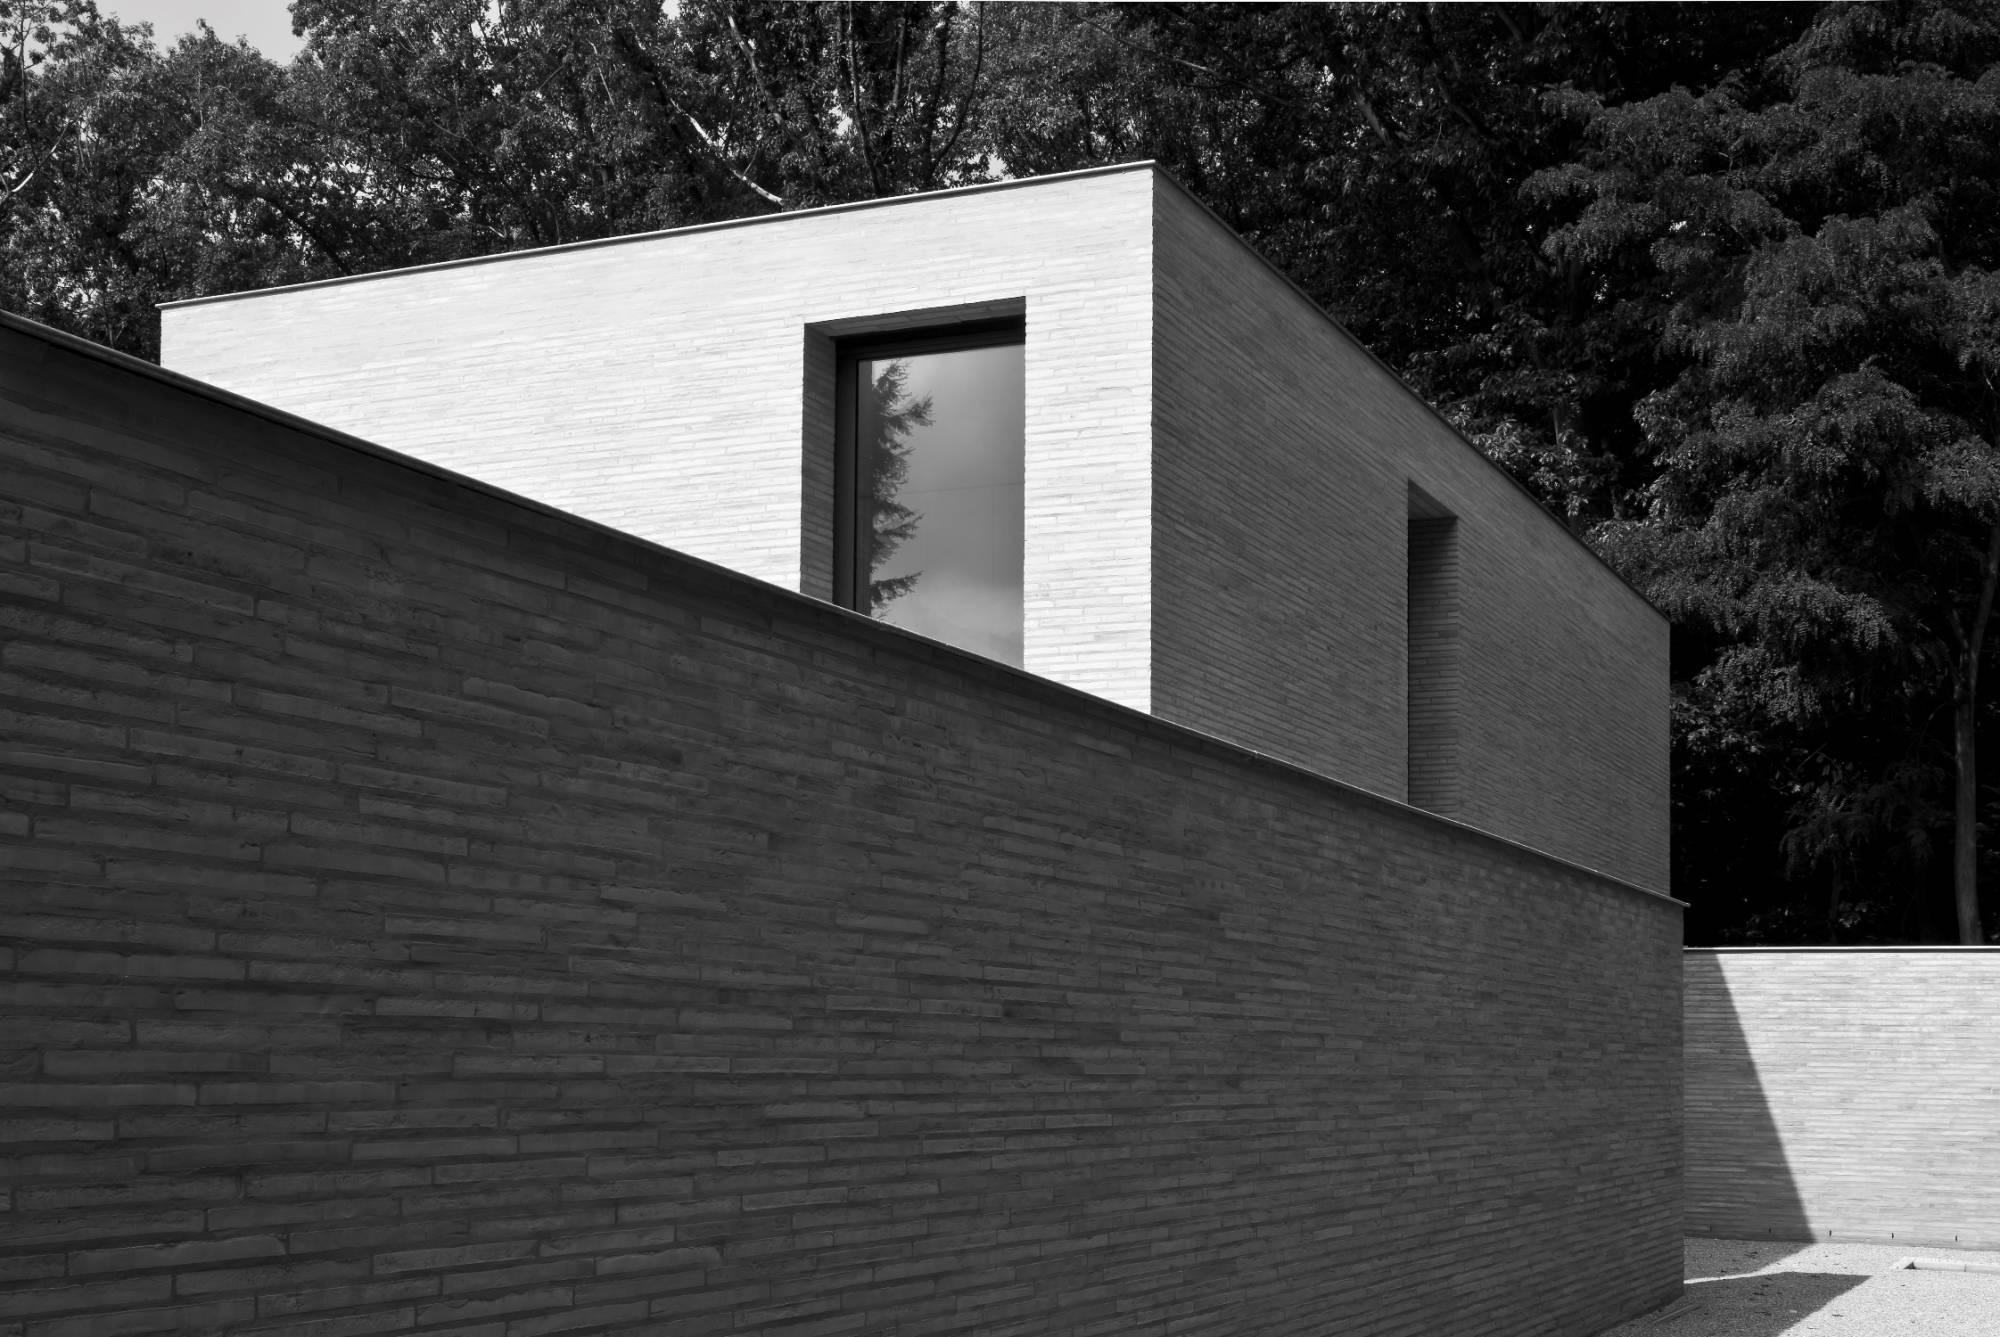 VVDA_2010_VM Residence_Koen Van Damme